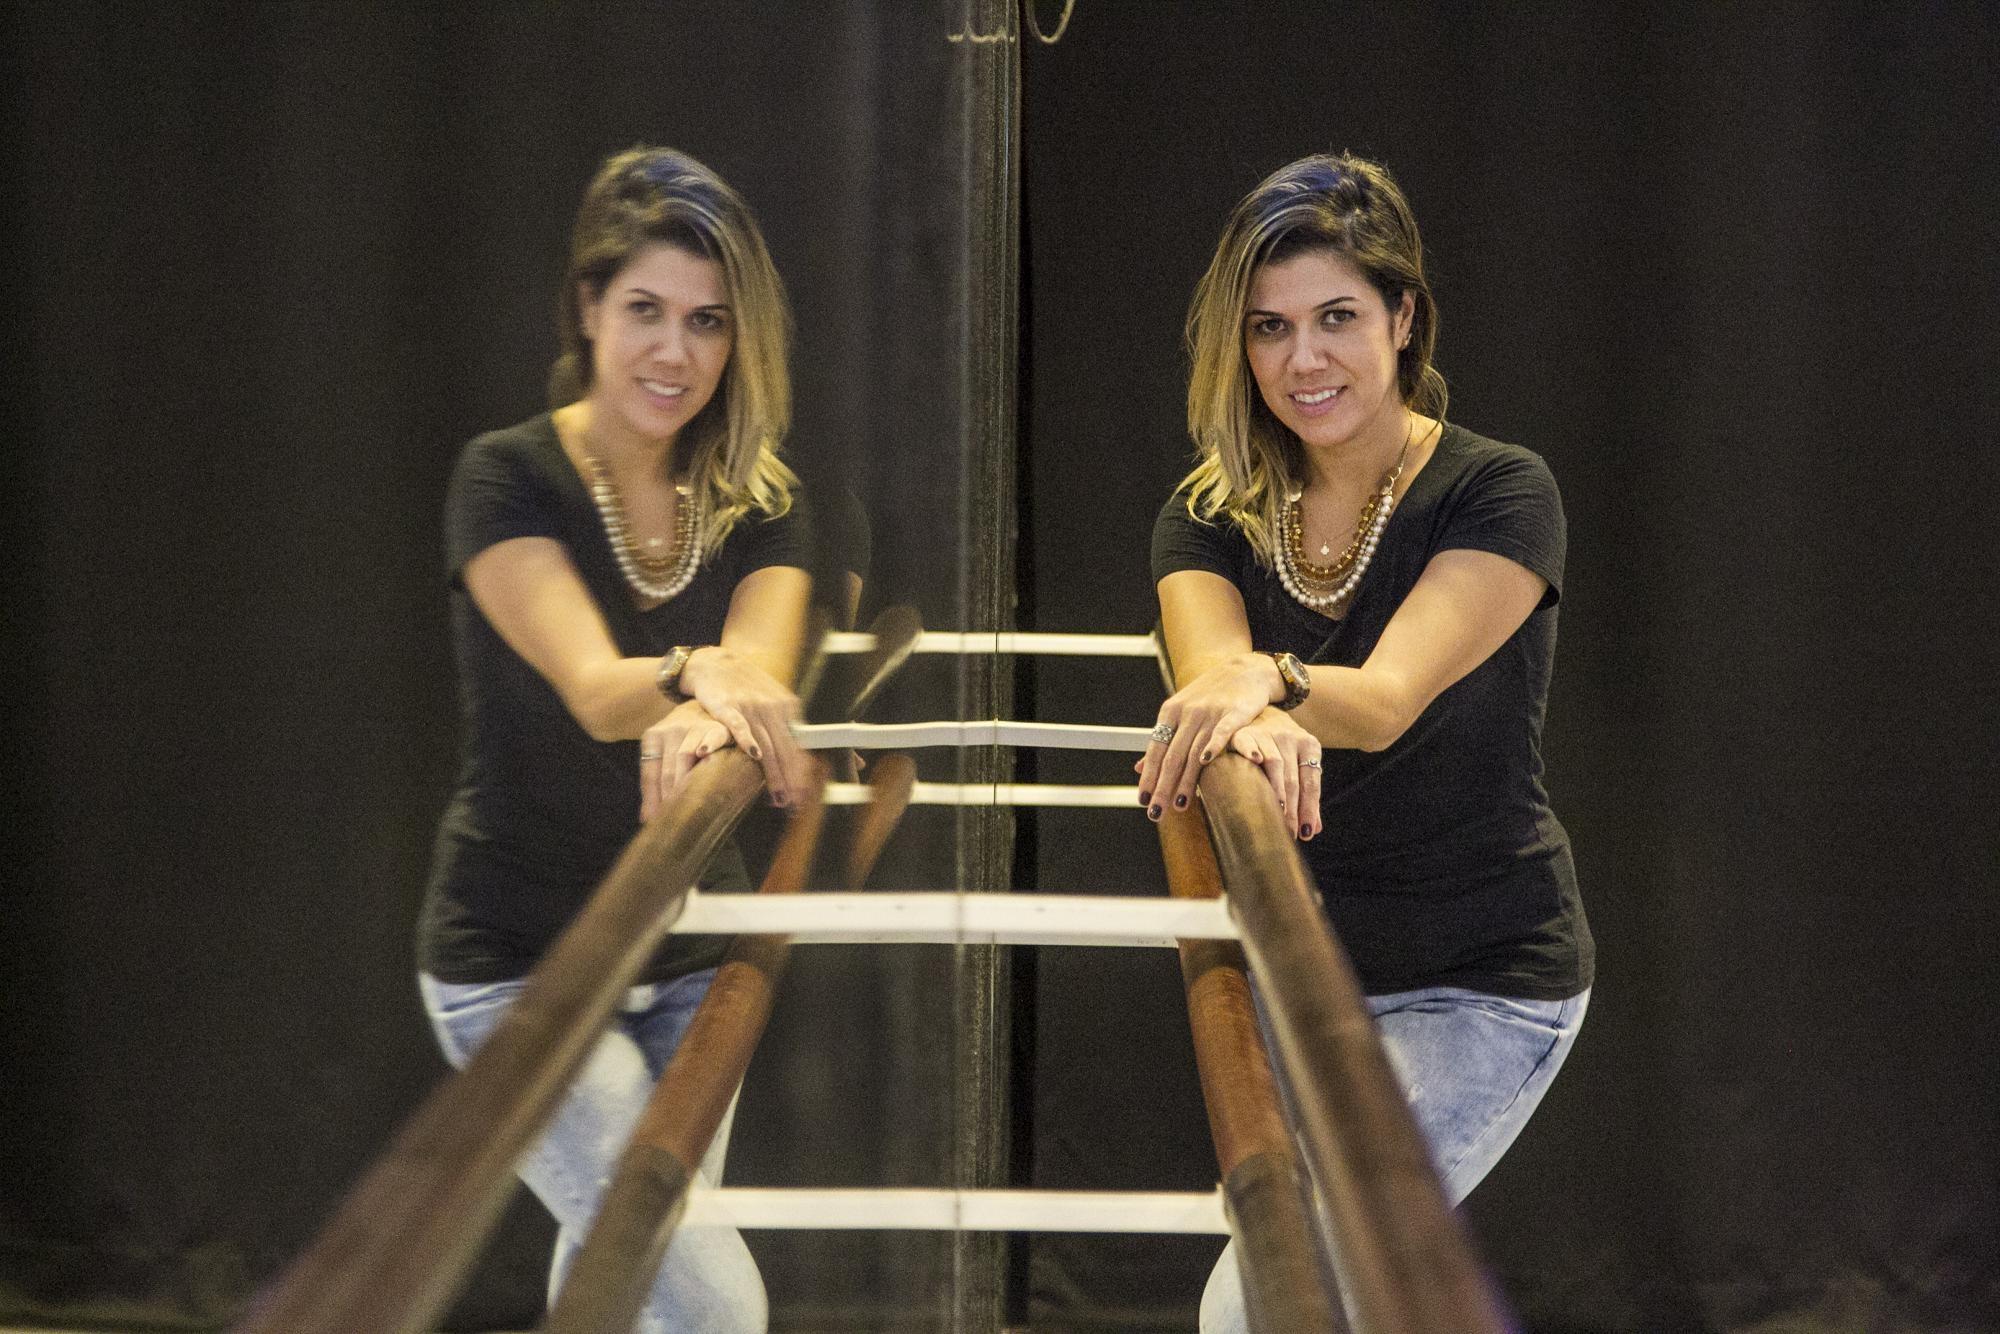 Proprietária da Cenarium Escola de Dança, Aline Menezes acredita que a dança muda rotinas e vidas - Marco Santiago/ND